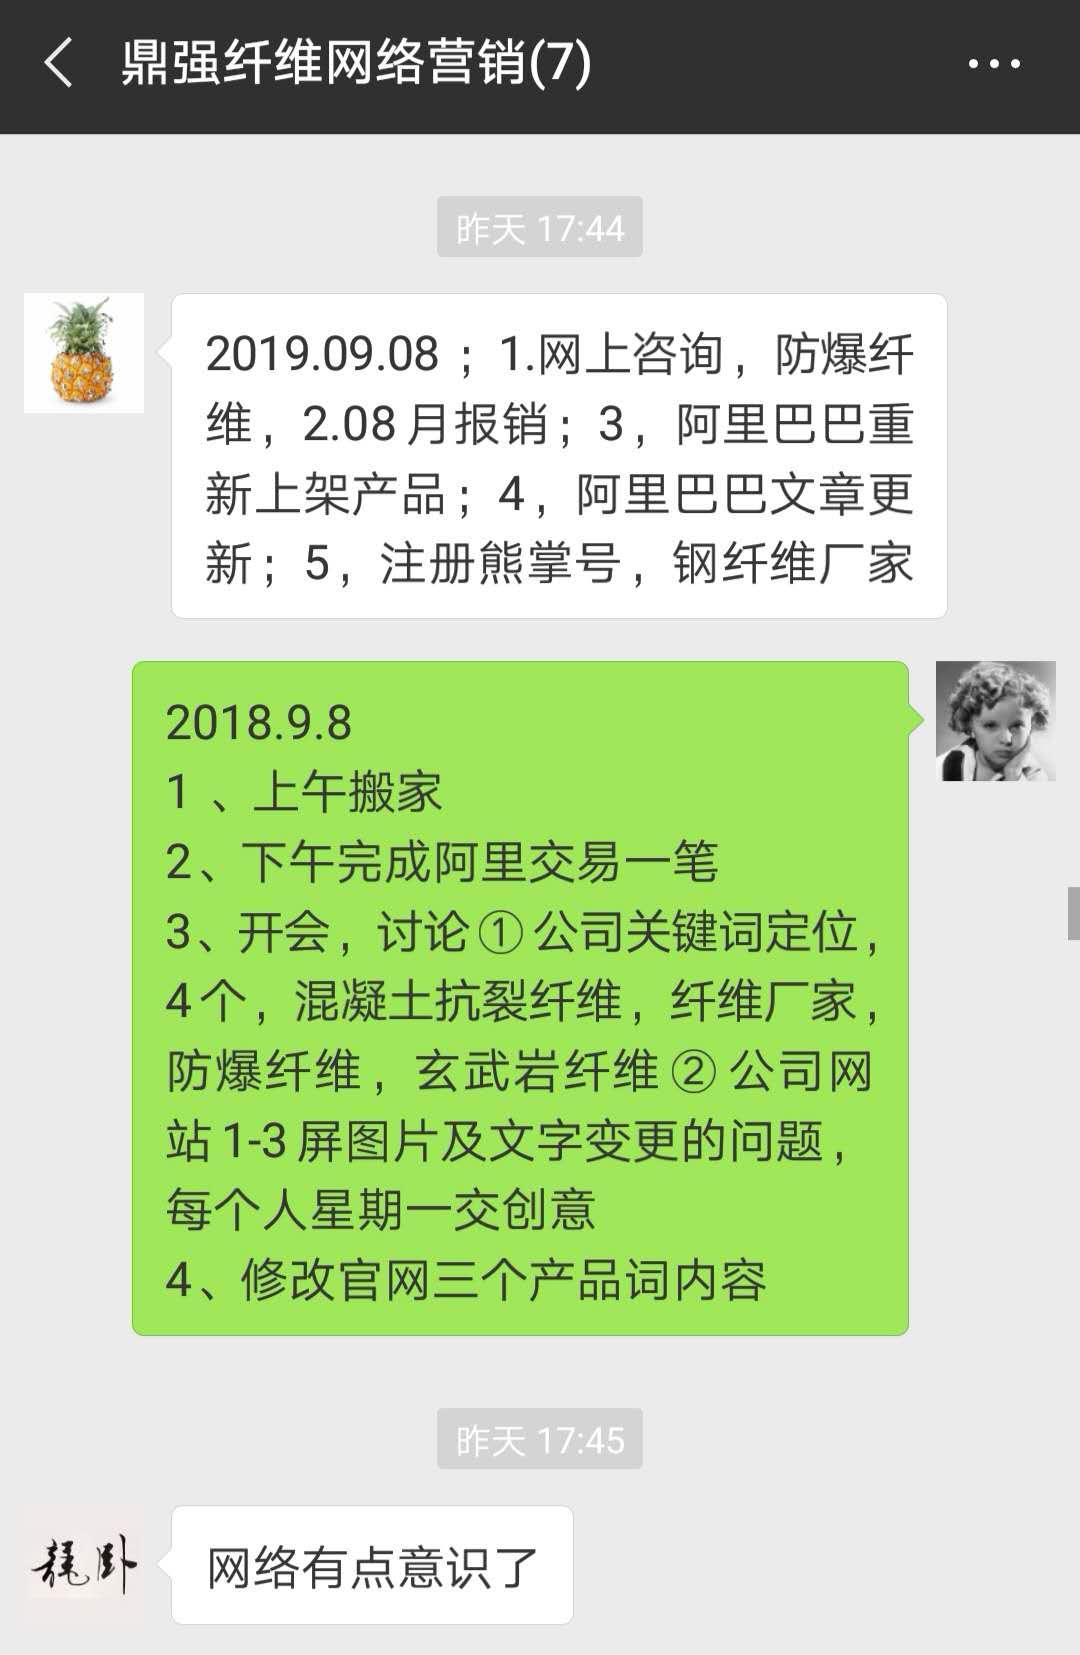 【鼎强纤维】网络营销团队行动迅速快捷